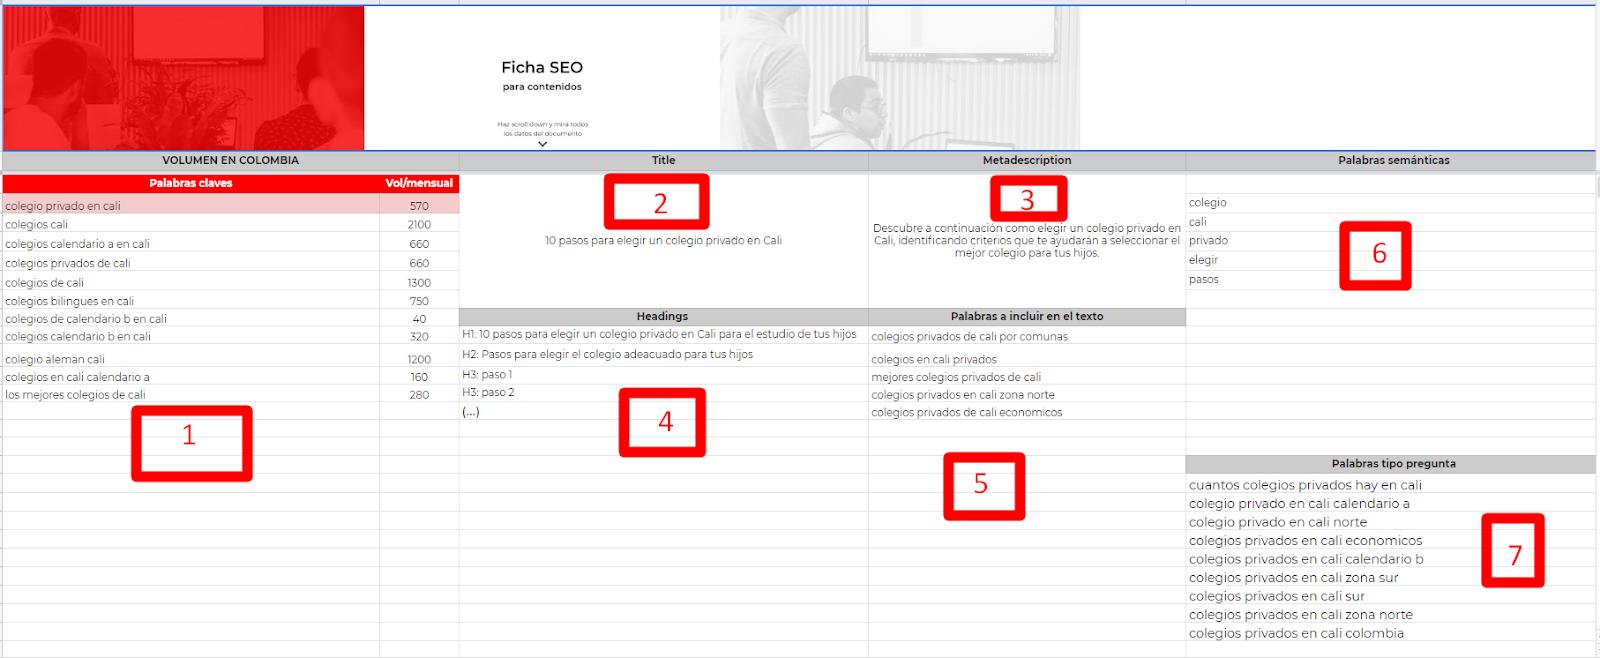 Linkbuilding de calidad - Ficha SEO para contenidos